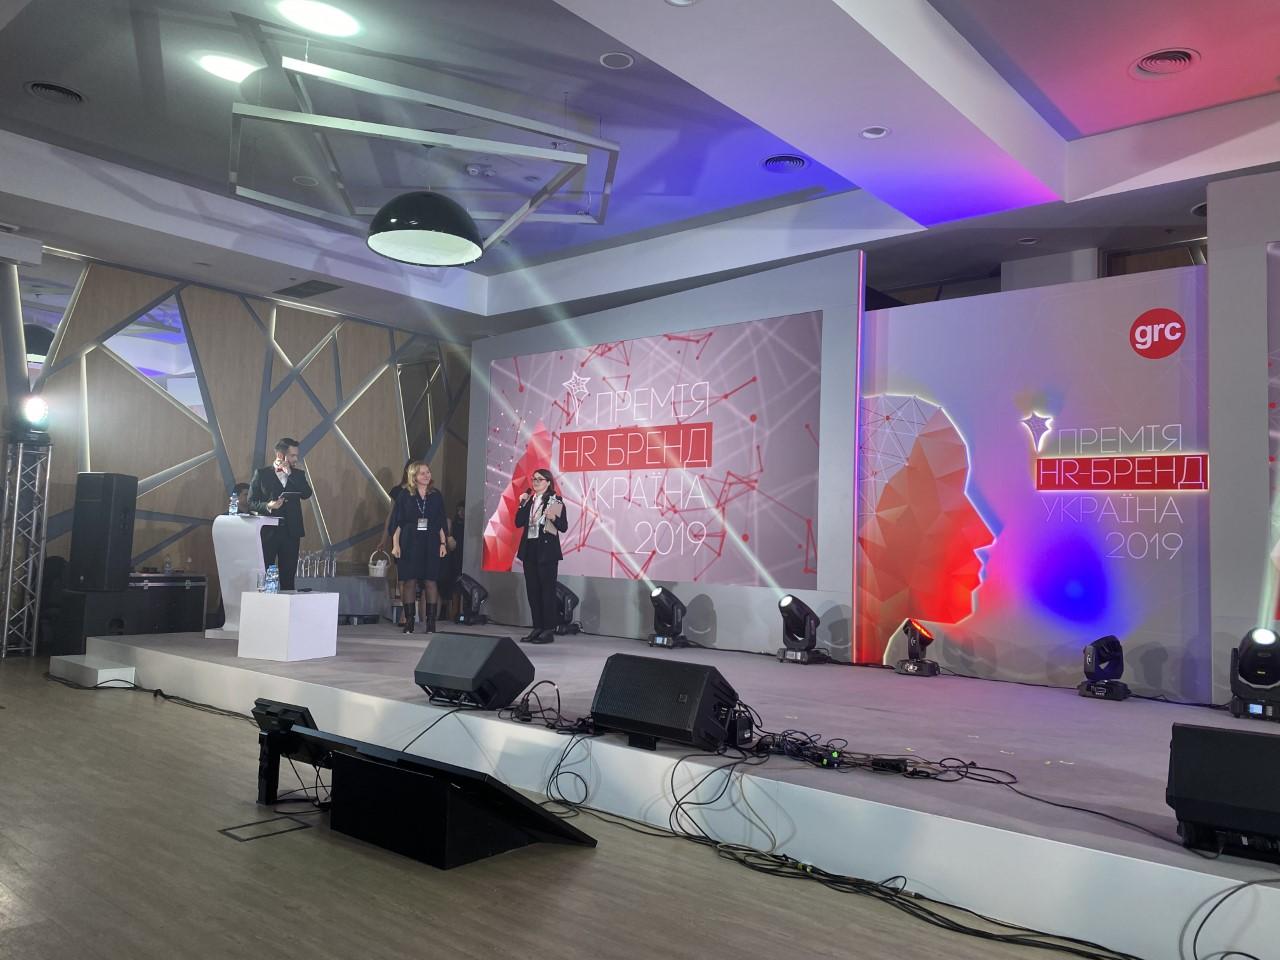 HR-бренд Украина 2019: социальный кейс ГК ЛИГА признан лучшим